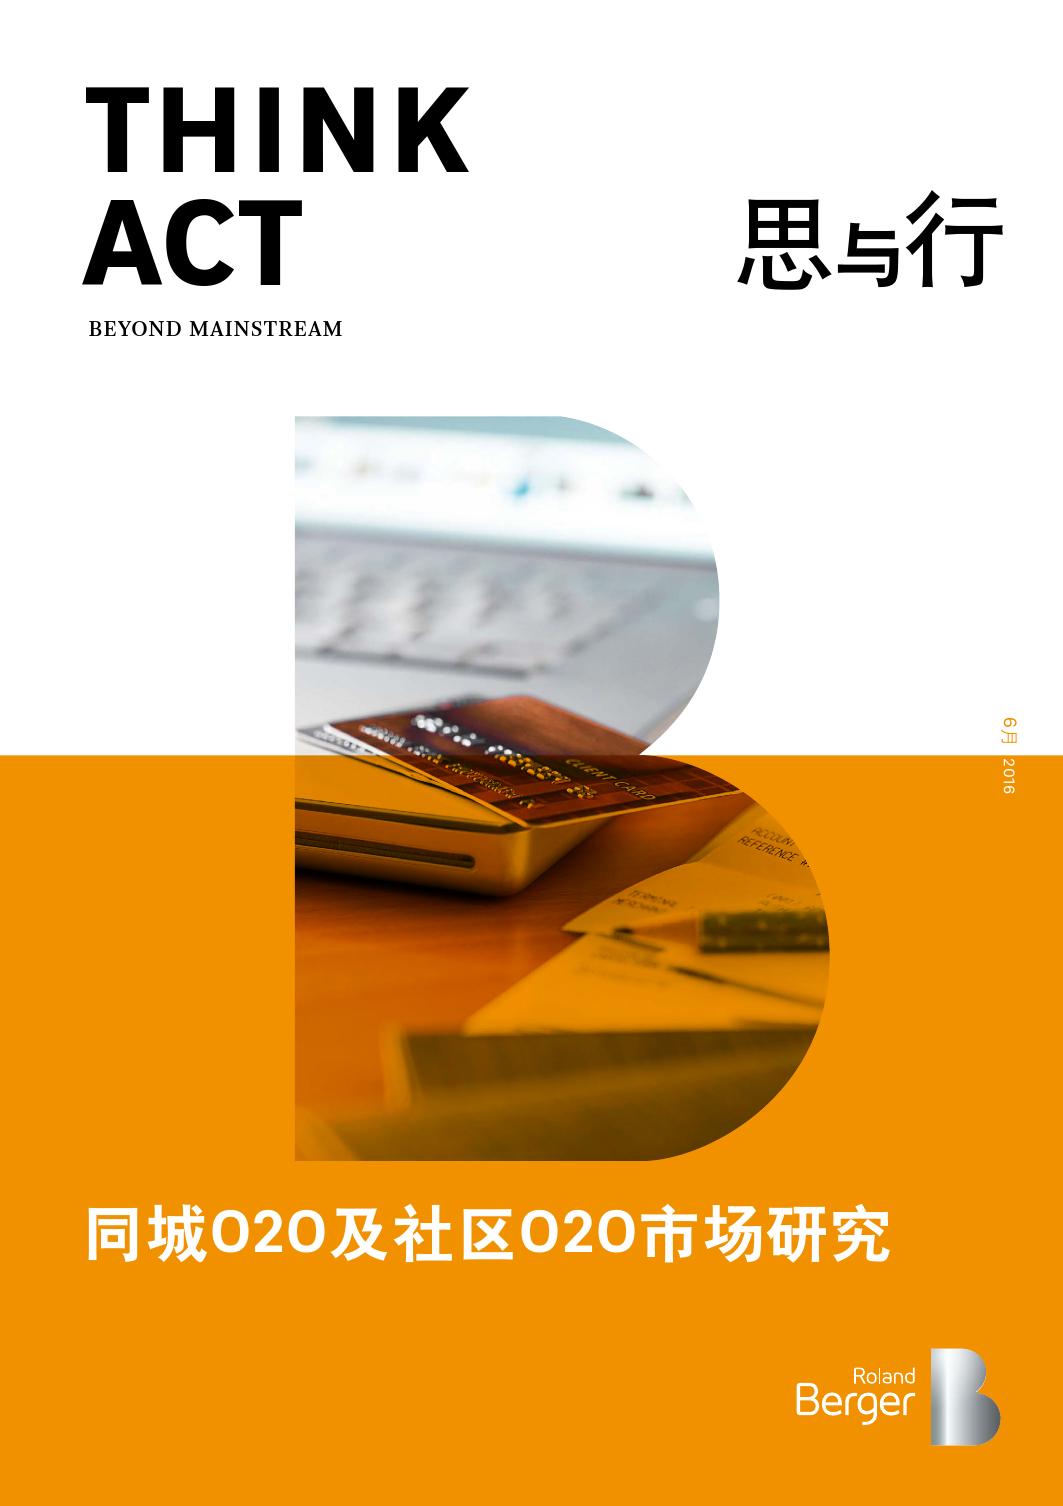 同城O2O及社区O2O市场研究_000001